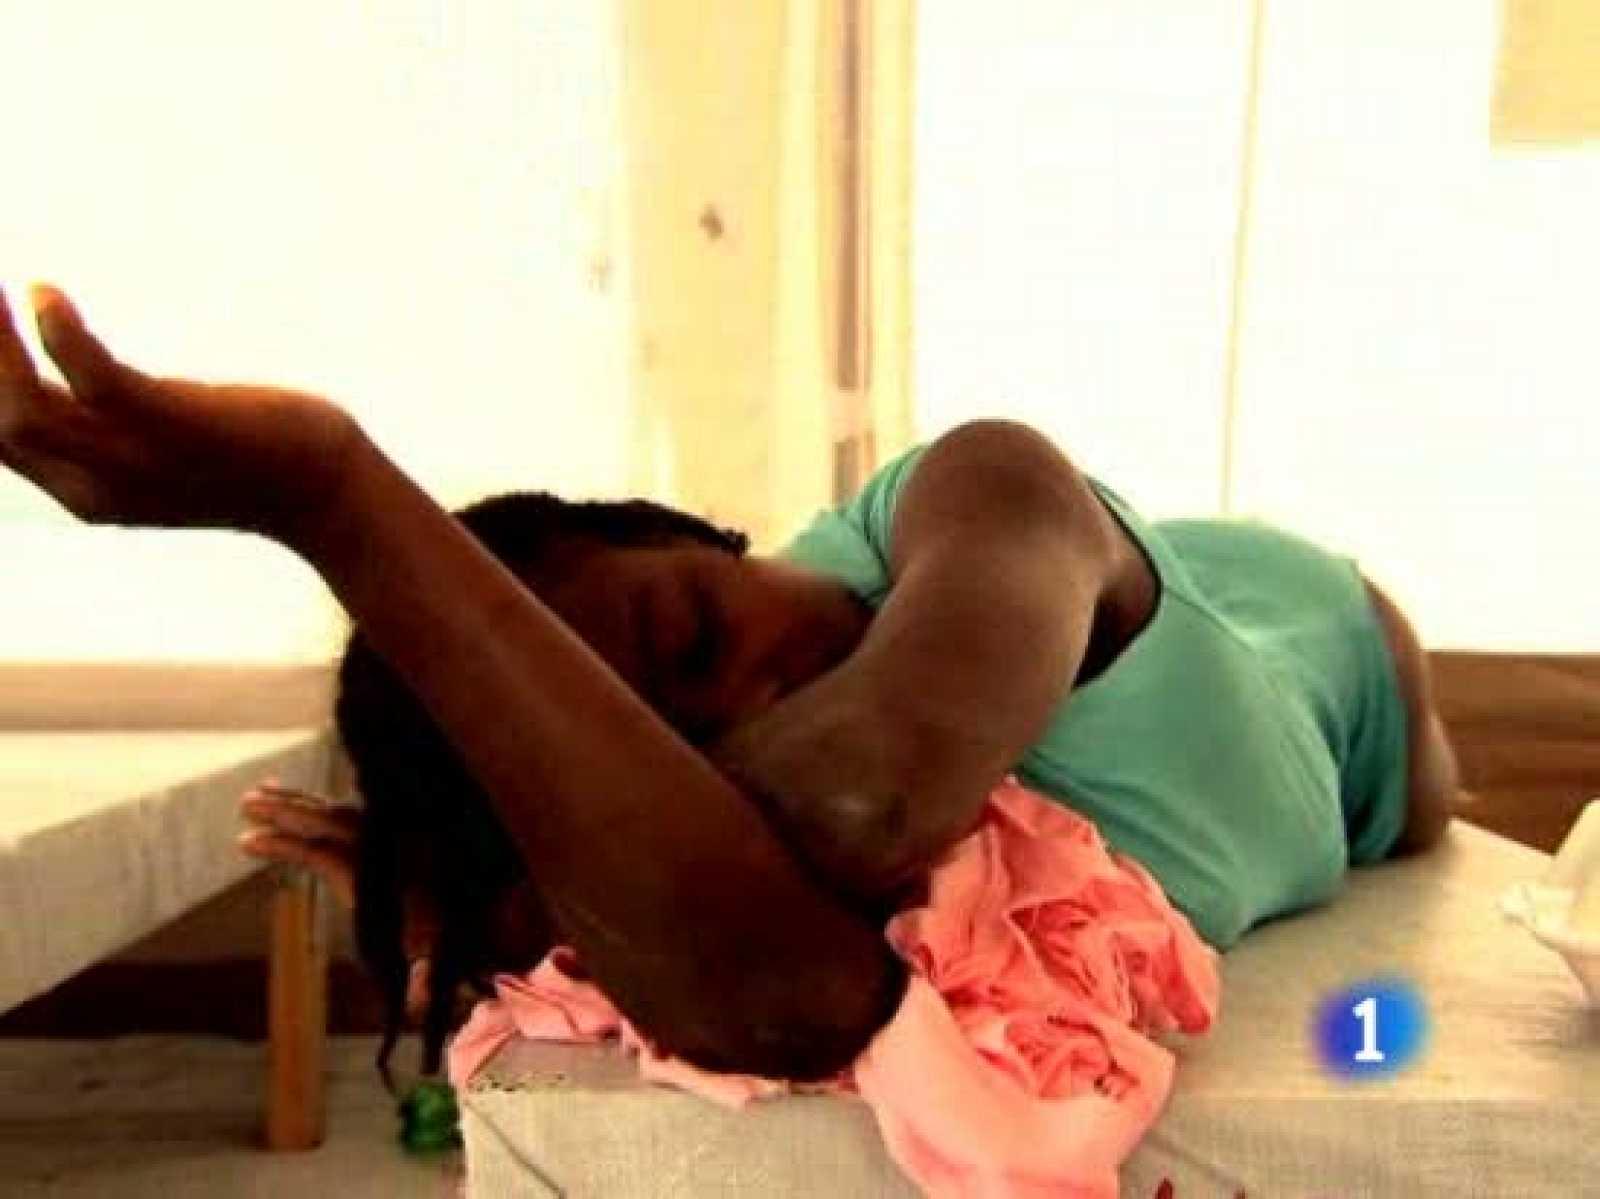 Los muertos en Haití podrían ser ya 2.000, y los infectados 50.000